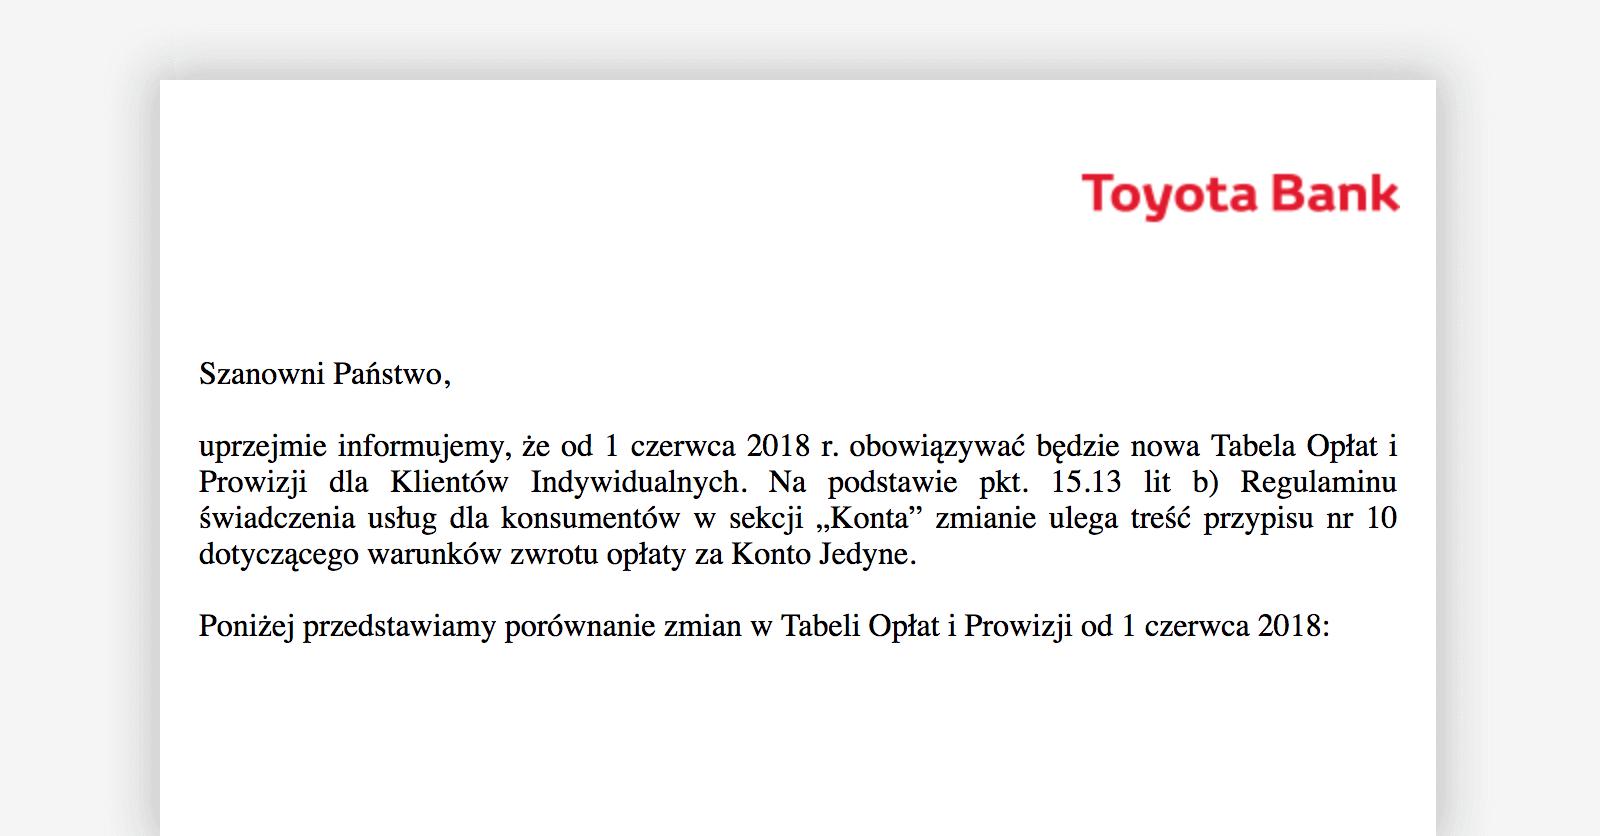 Zmiana tabeli opłat i prowizji w Toyota Banku od 1.06.2018